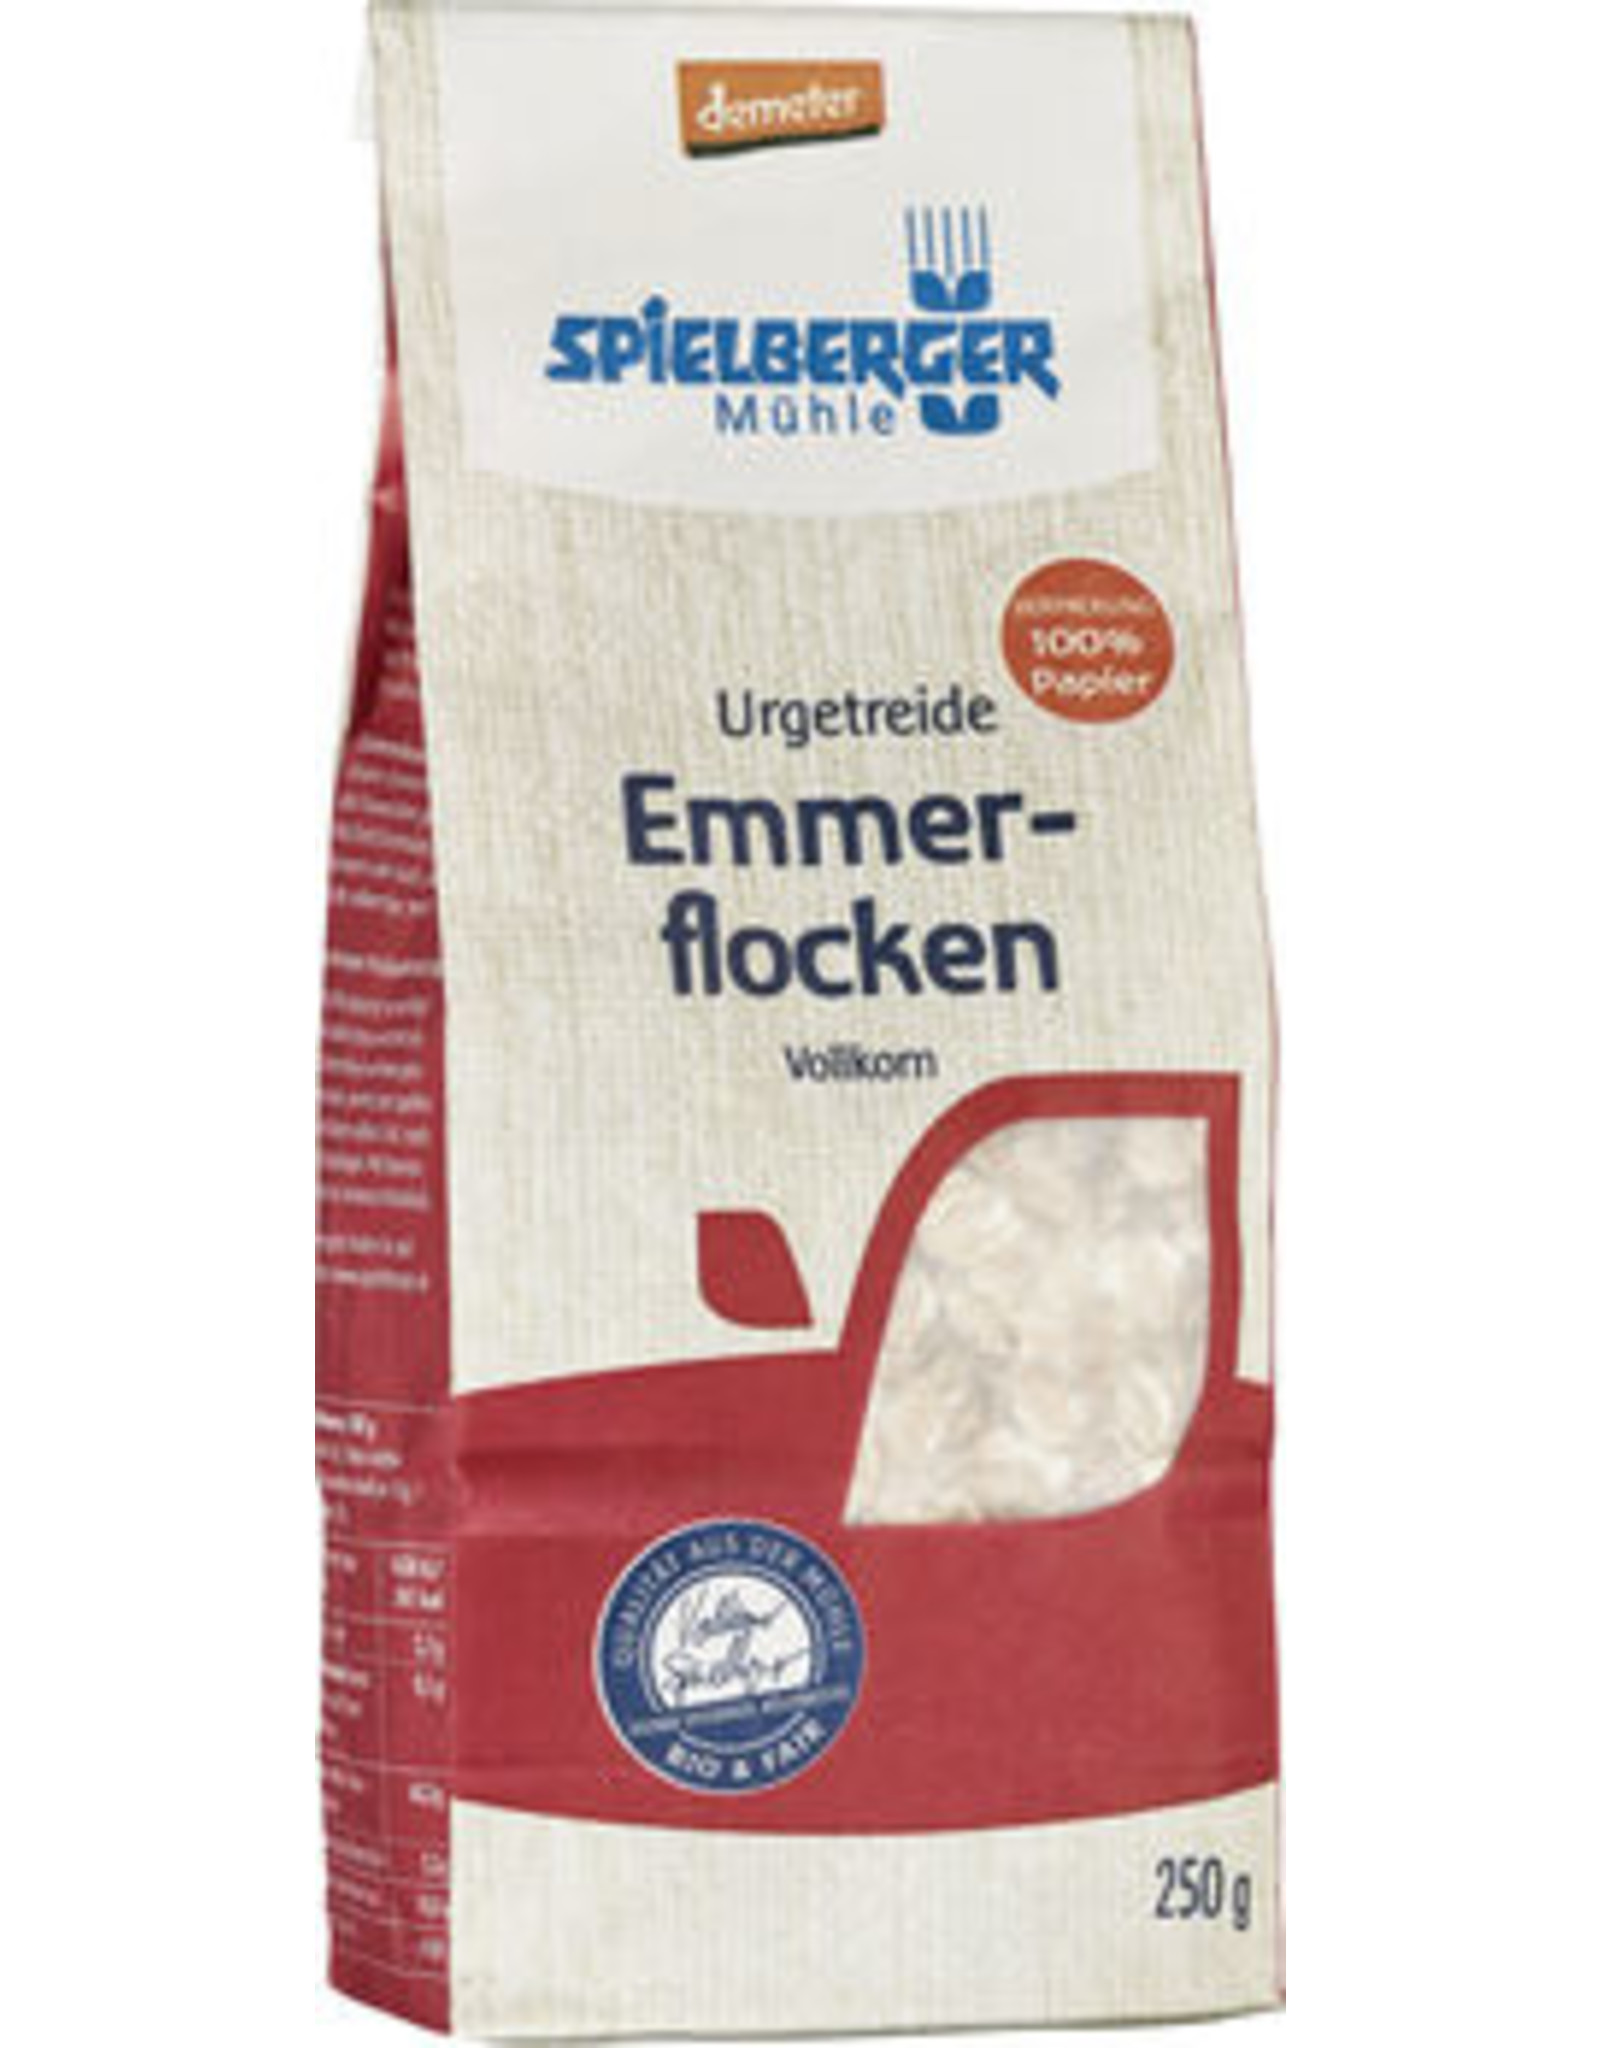 SPIELBERGER Emmerflocken, demeter 250g